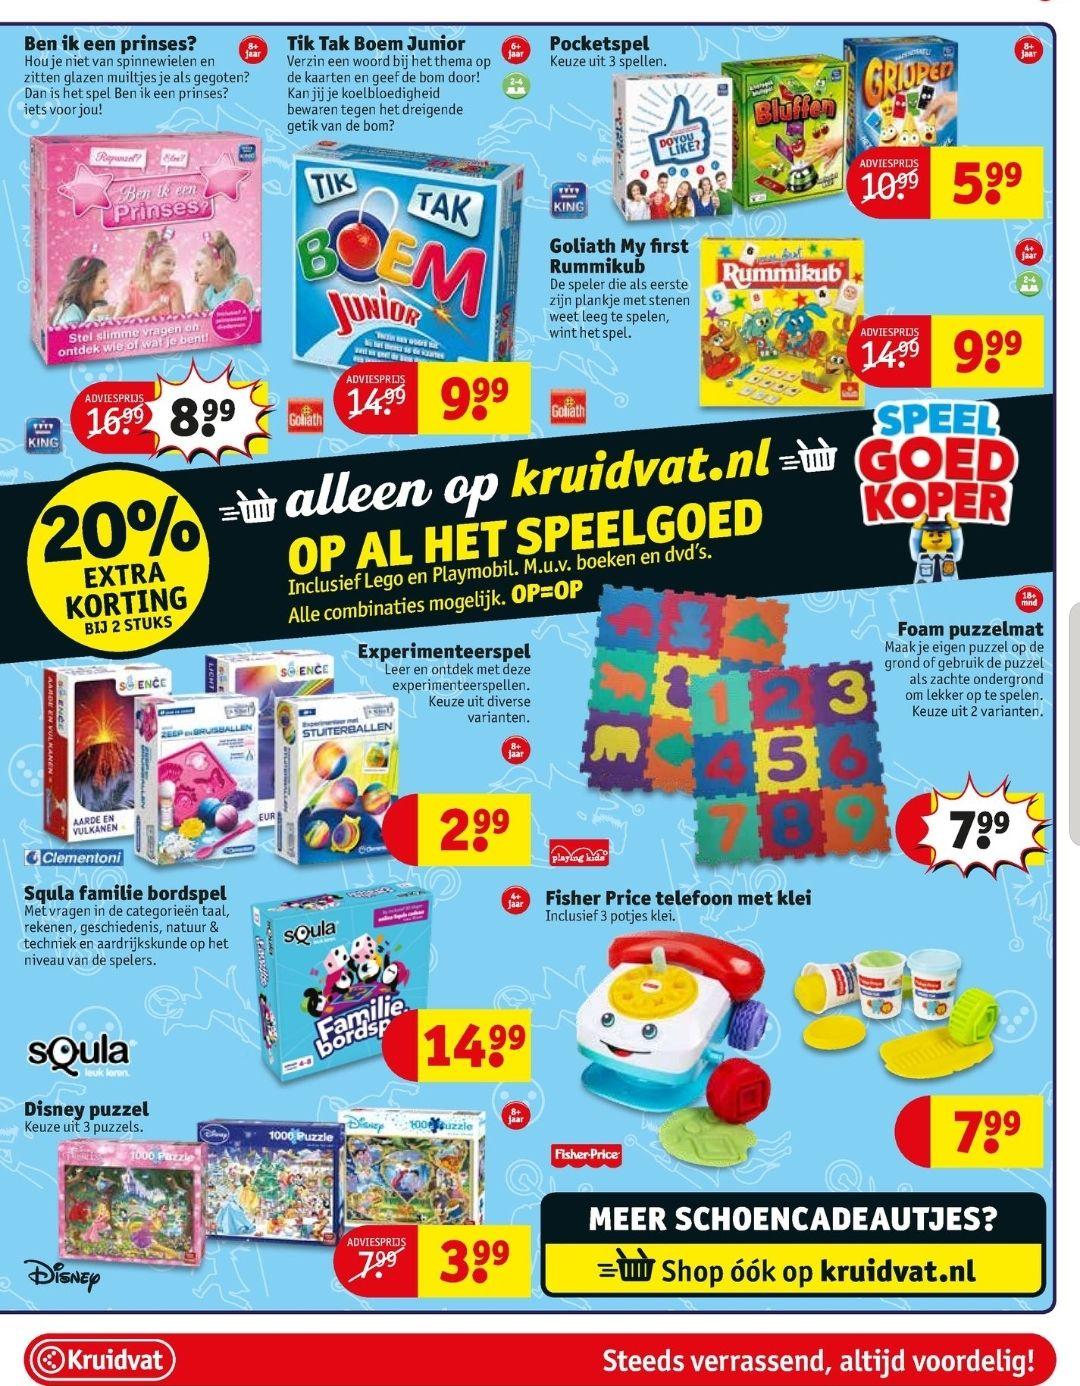 @Kruidvat. 20% extra korting op al het speelgoed óók op Lego en Playmobil bij 2 stuks